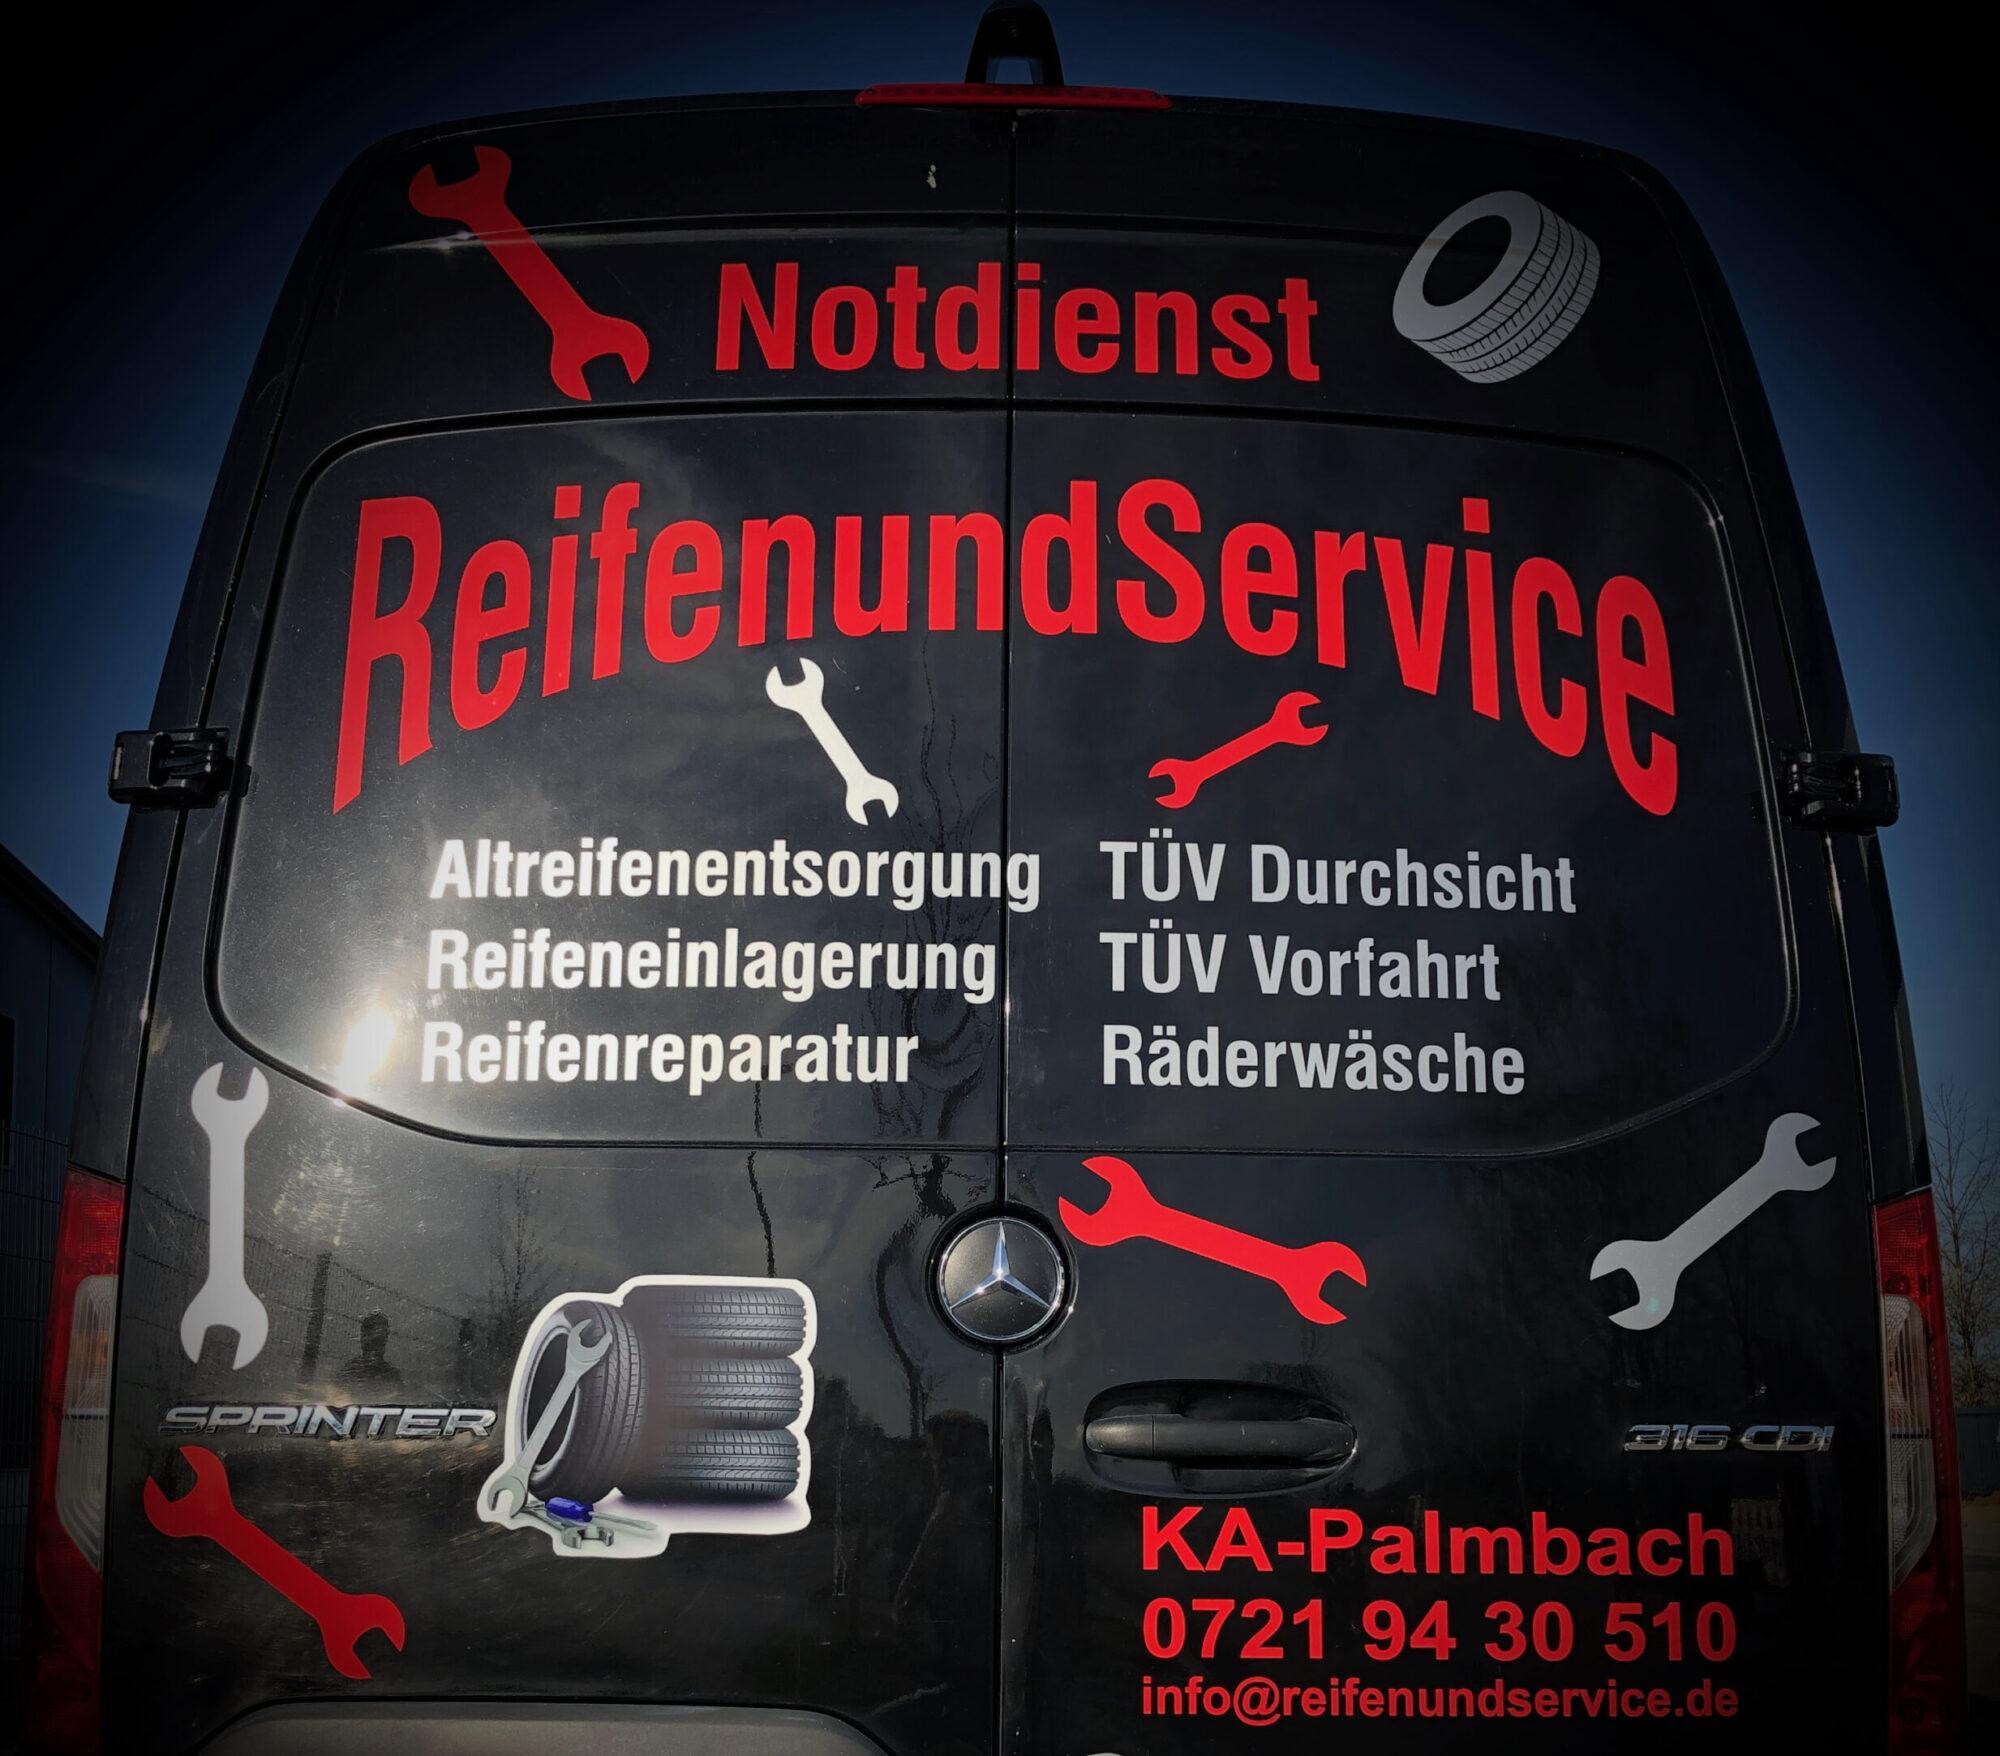 Reifen und Service in Karlsruhe Palmbach